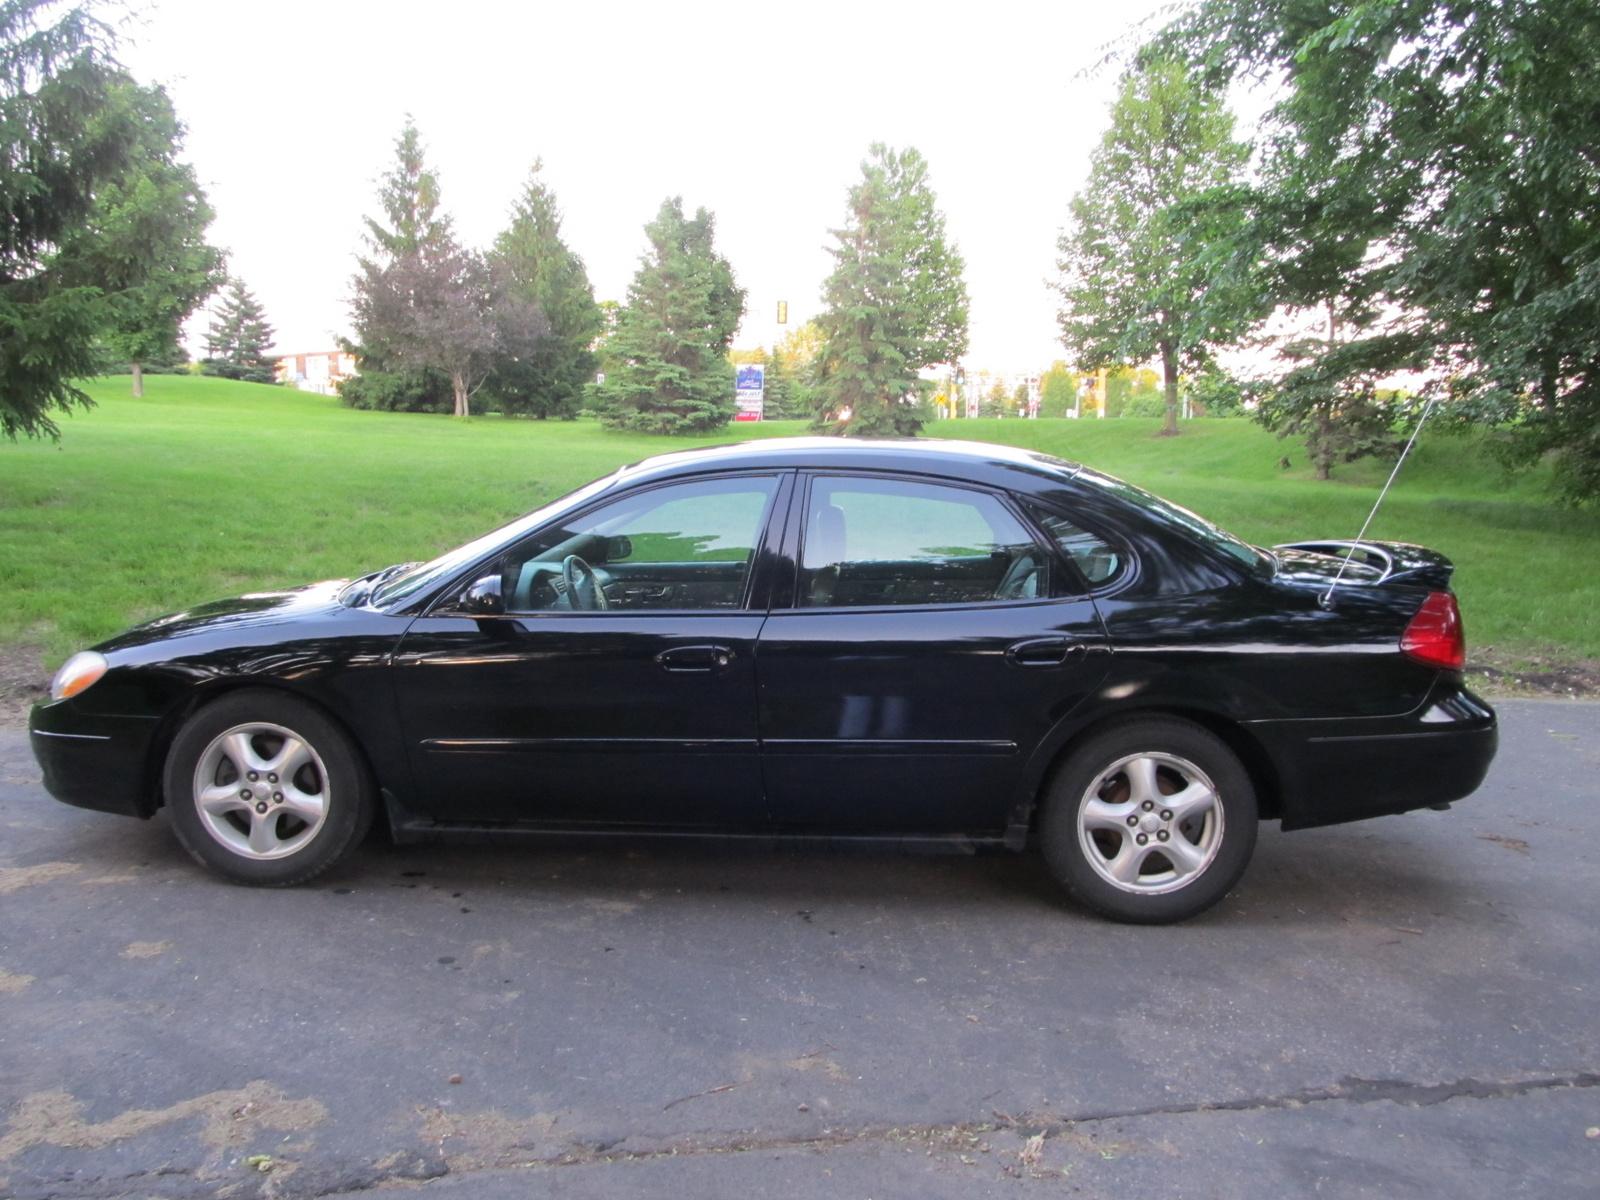 2001 Ford Taurus Pictures Cargurus